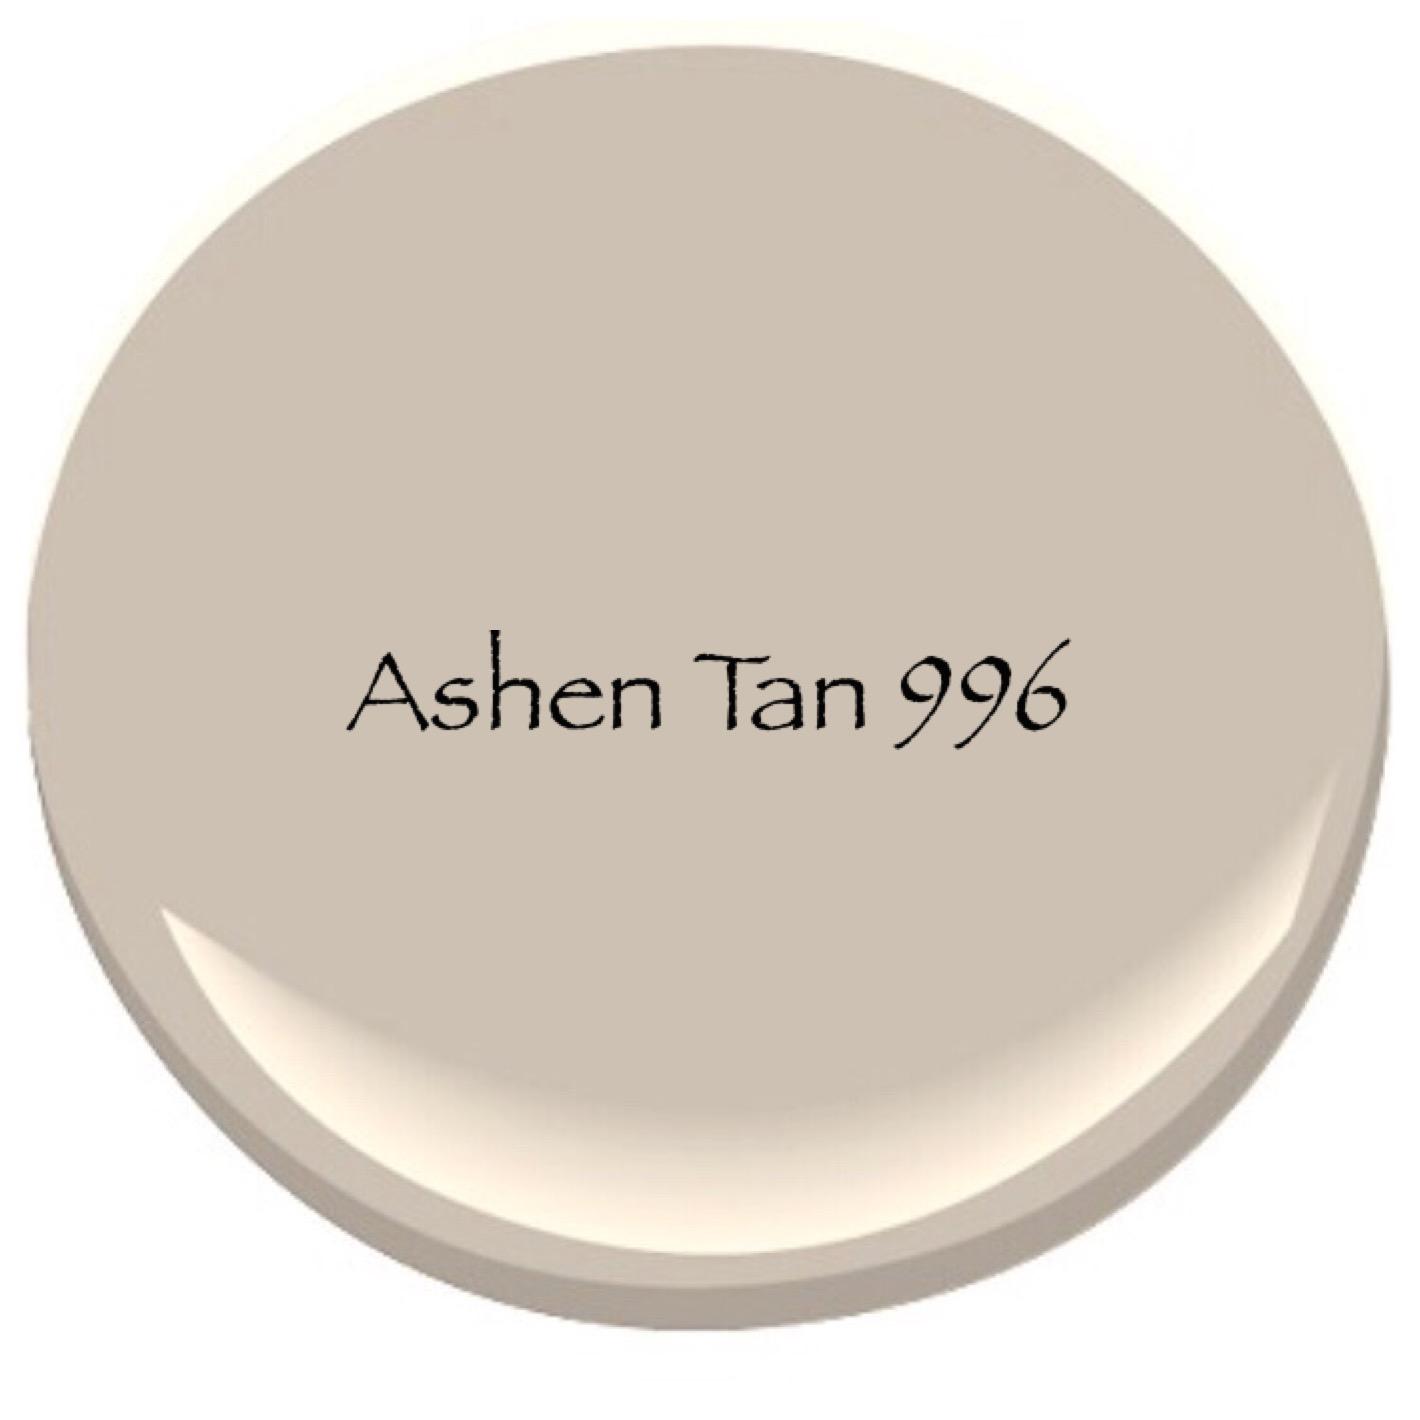 Ashen Tan 996 Benjamin Moore